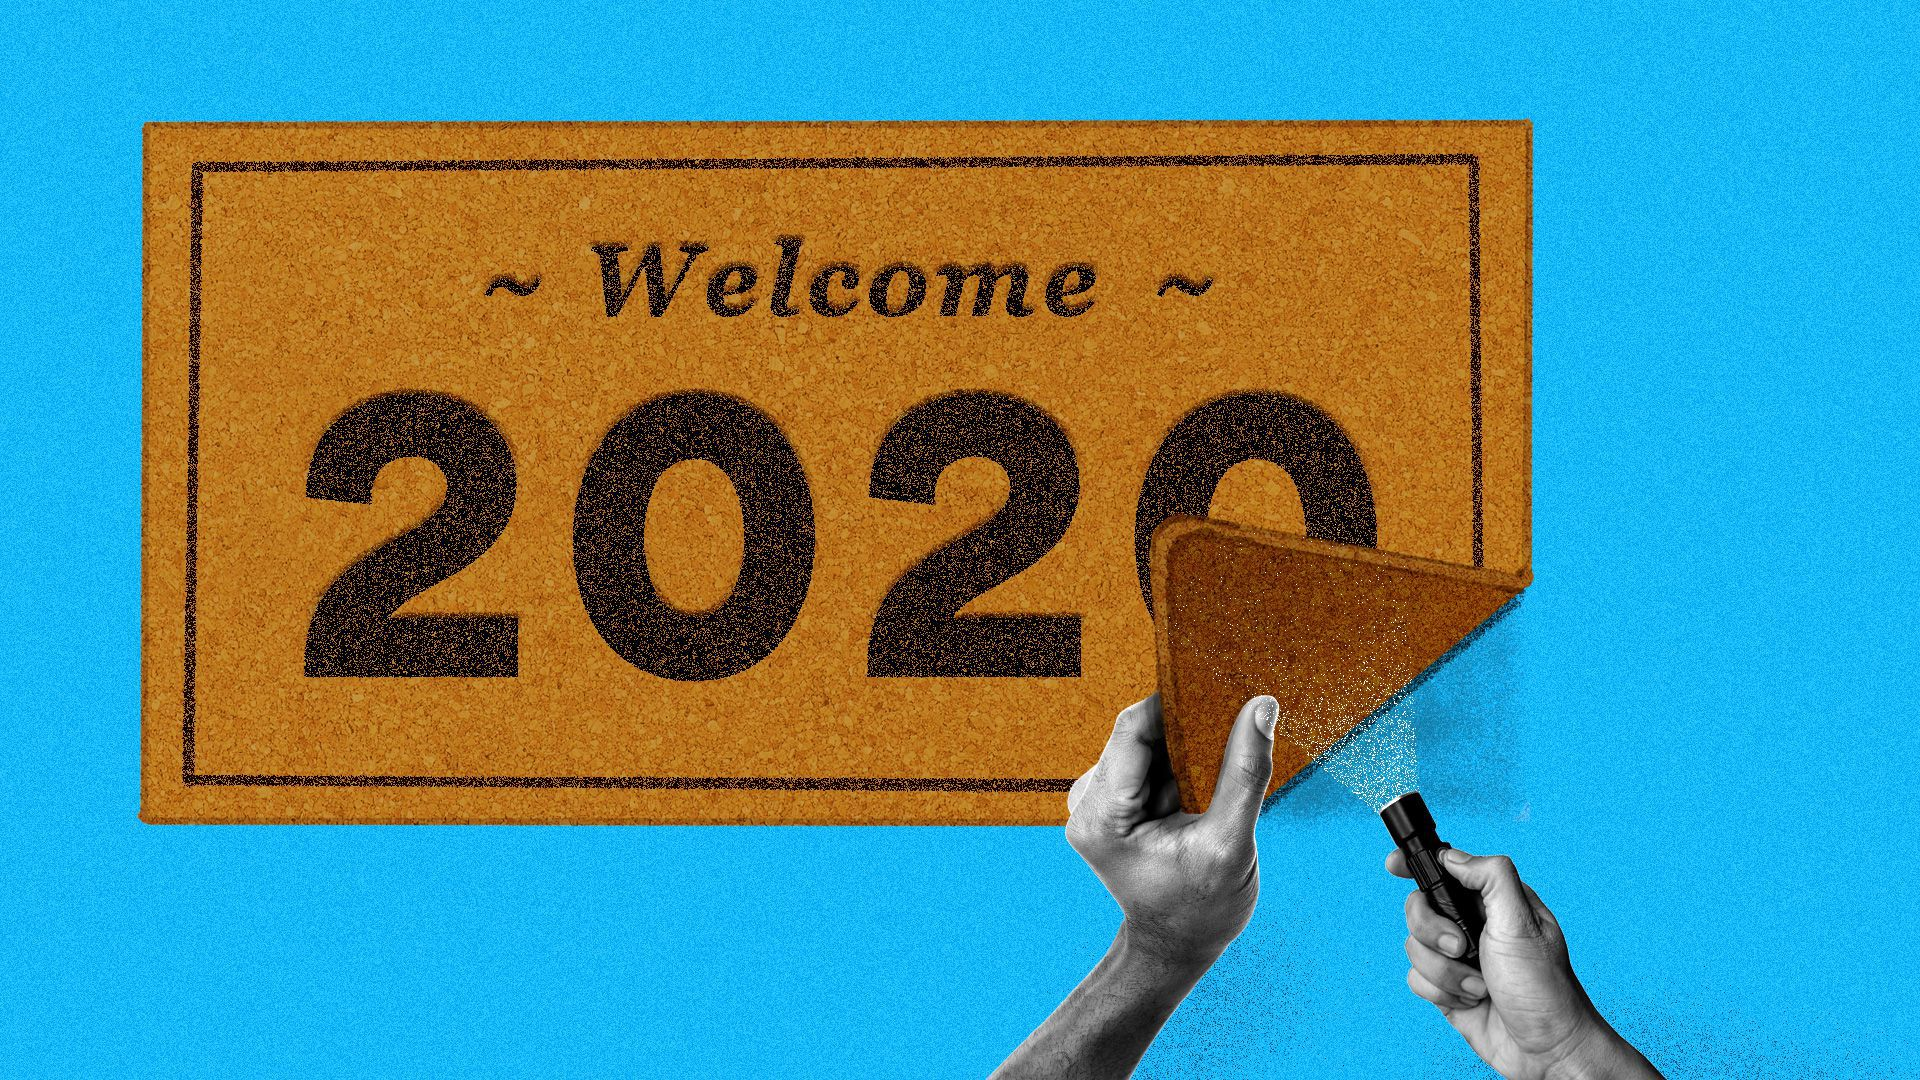 2020 doormat illustration